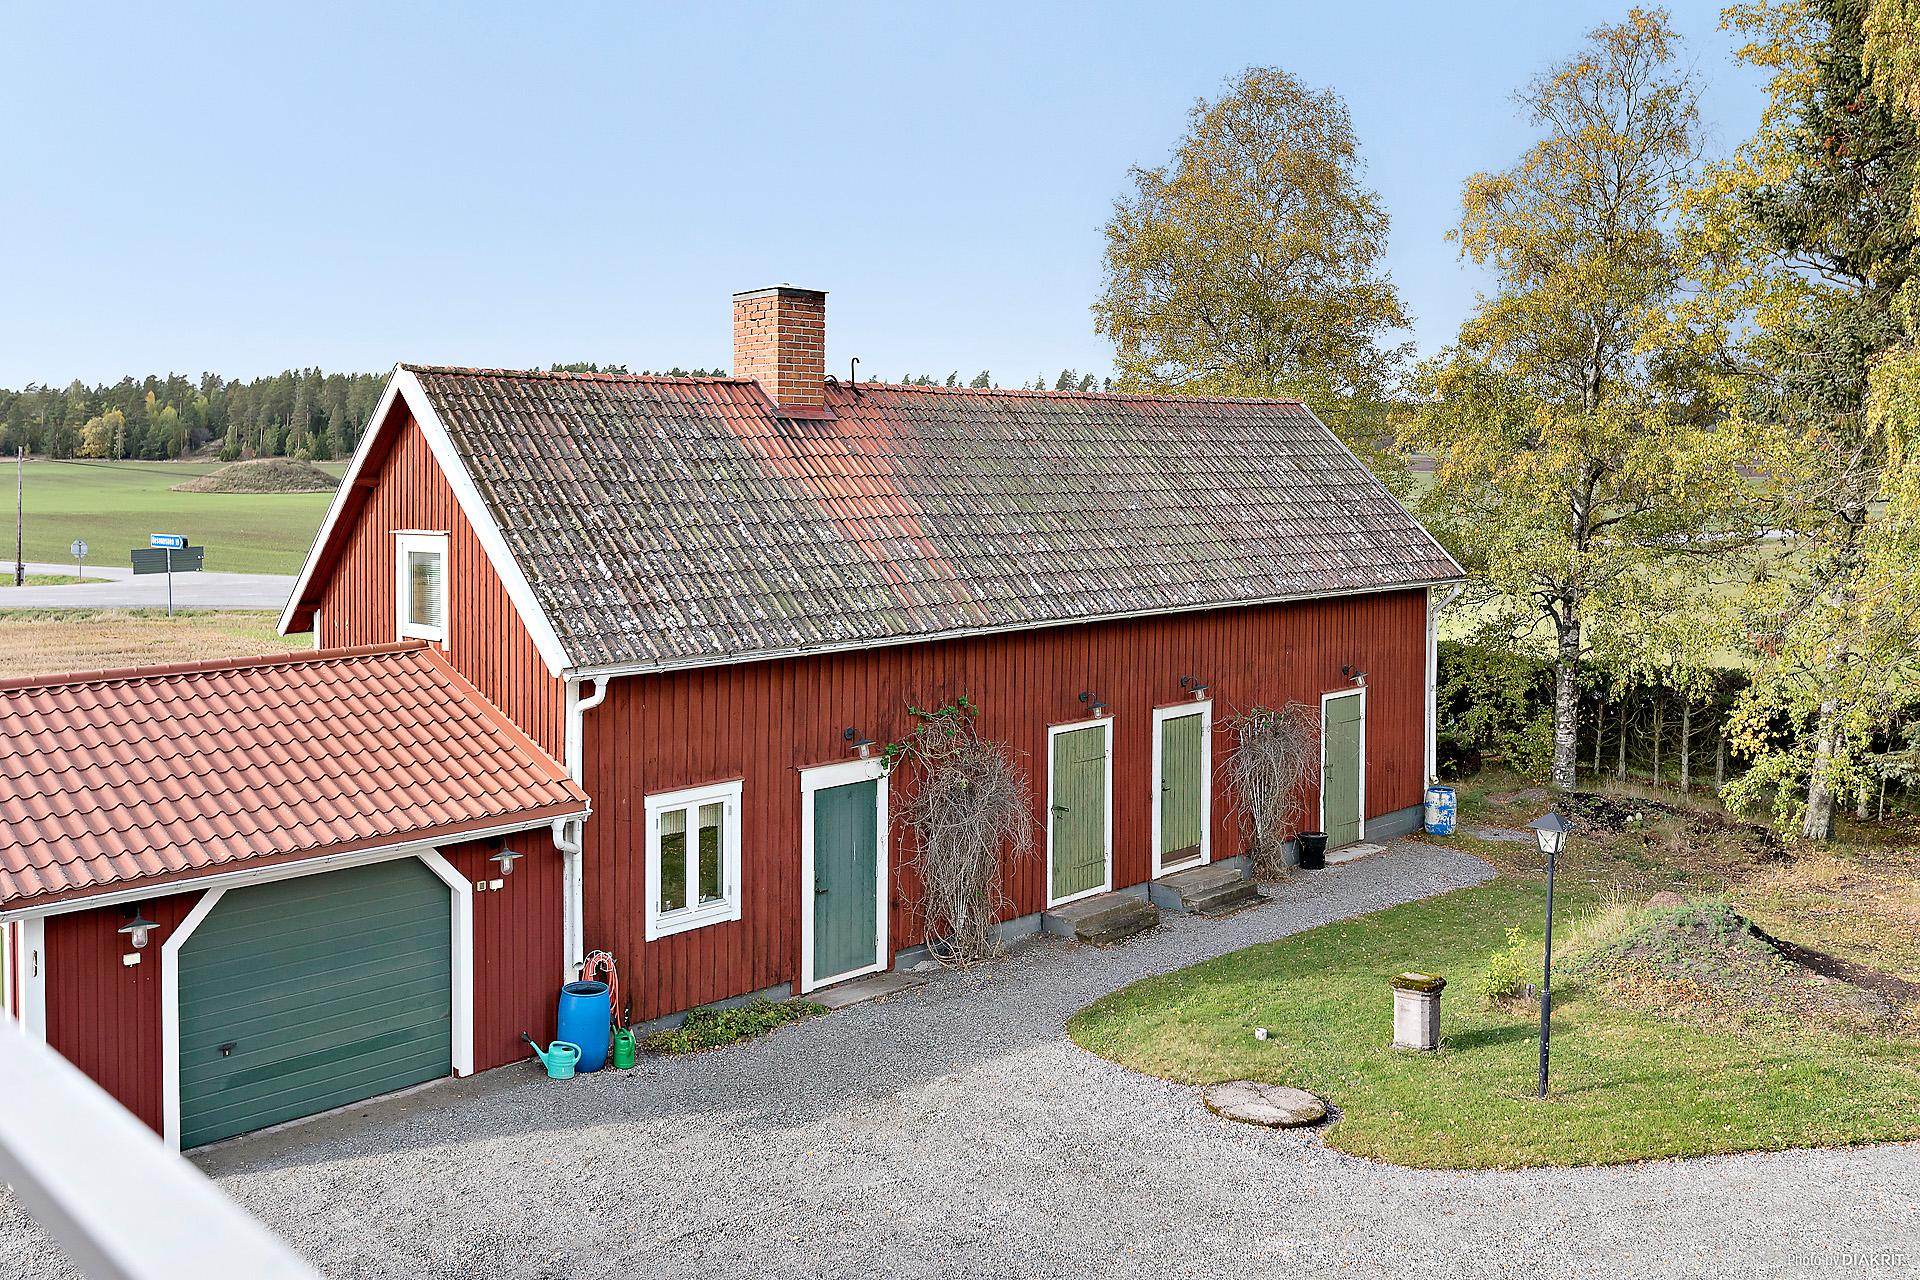 Uthuslänga med garage, tvättstuga, vedbod/maskinförråd, redskapsskjul ( f d bagarstuga) samt loge och inrett rum på övre plan.